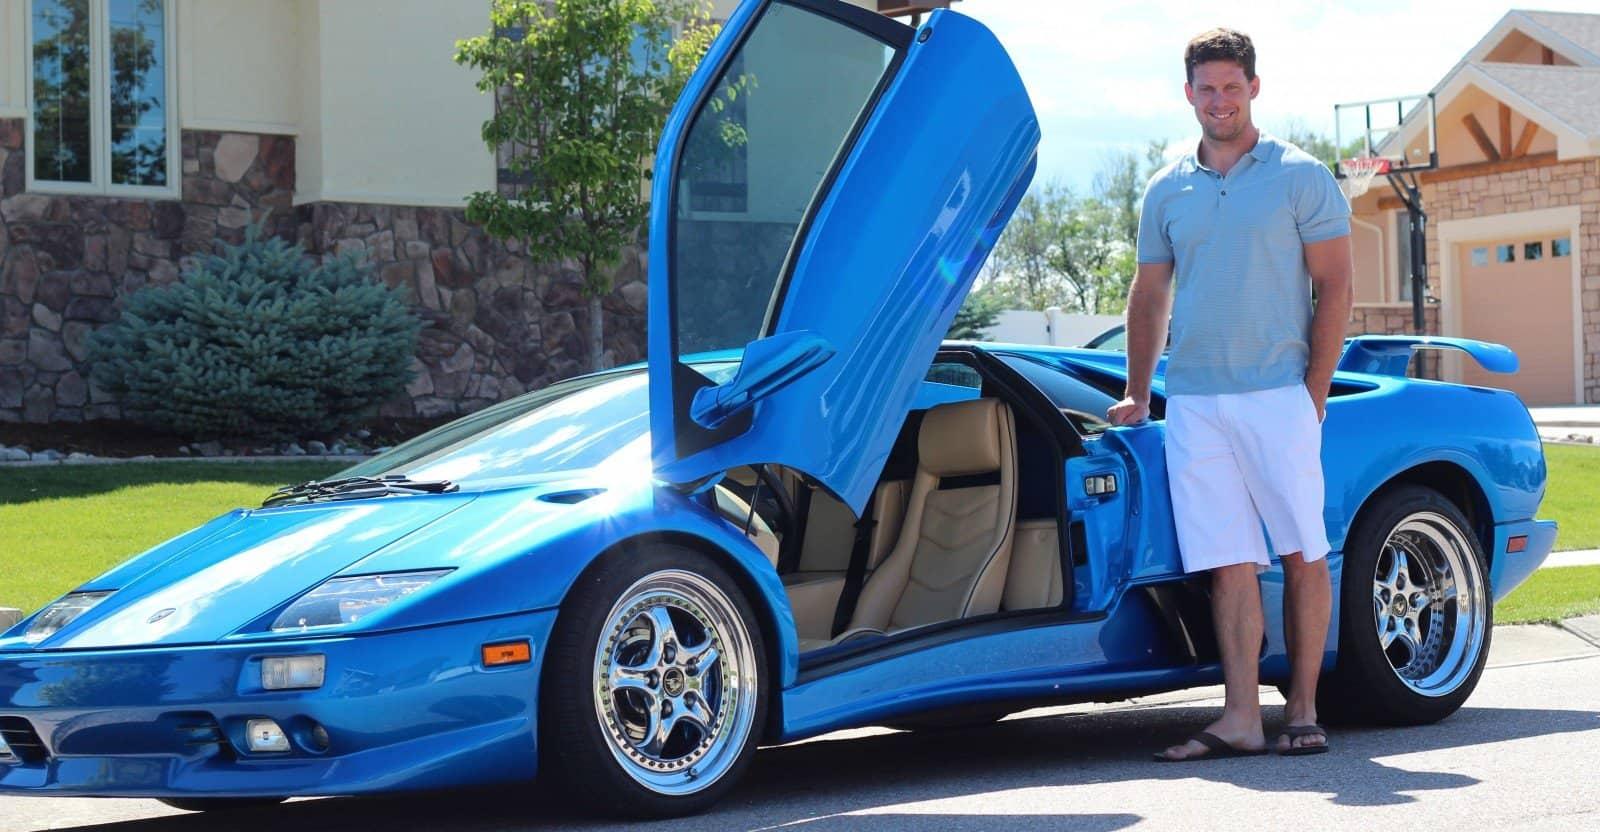 Lamborghini diablo smart cover